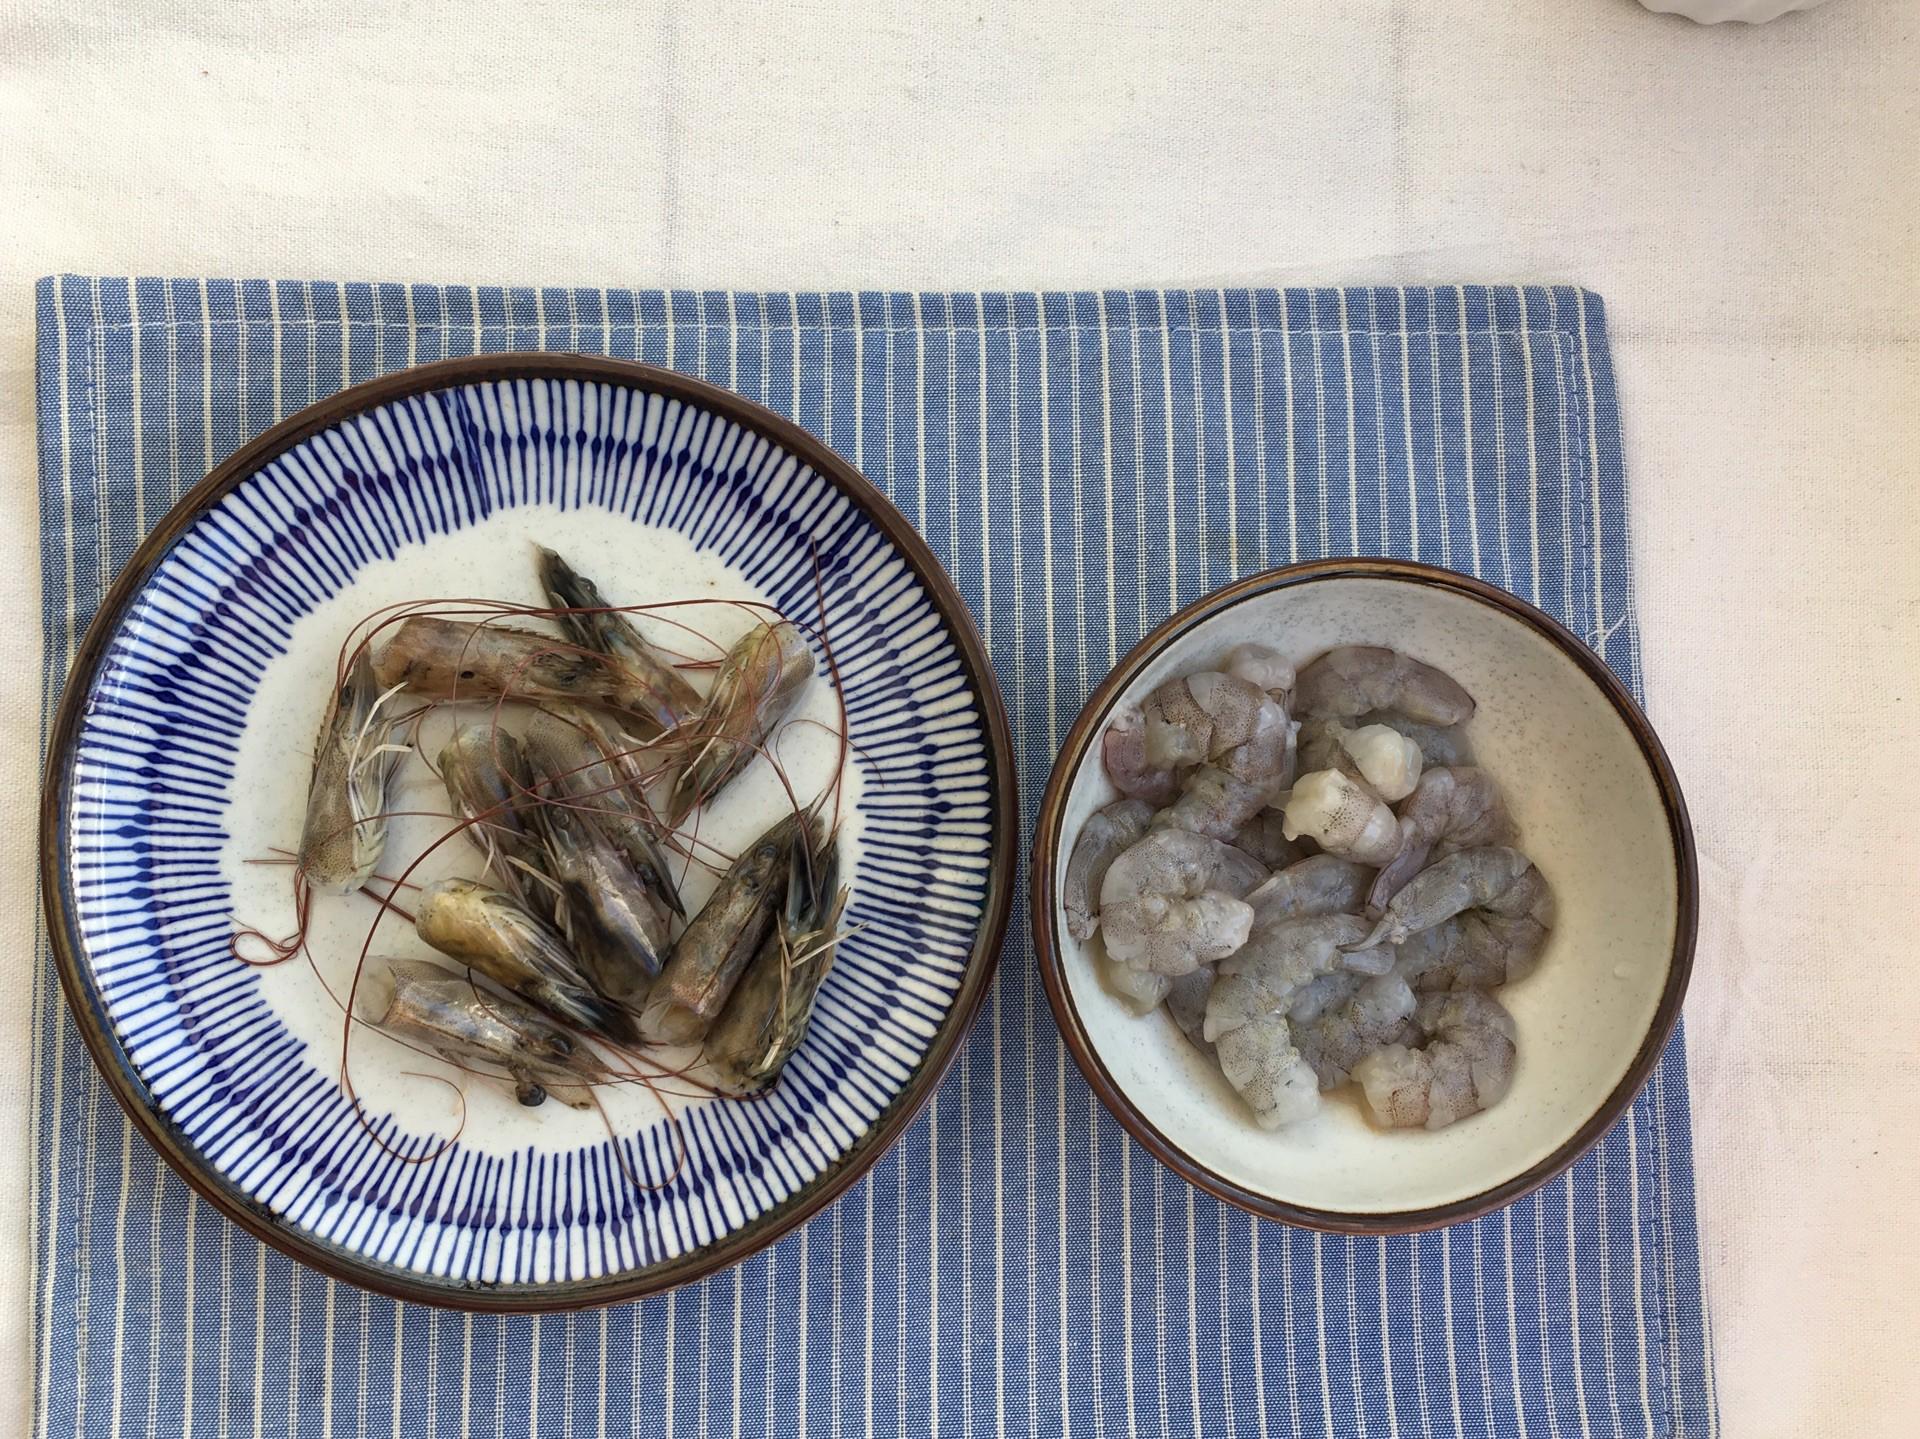 Đổi món cho bữa sáng với cháo gà tôm ngọt thơm đầy dinh dưỡng - Ảnh 3